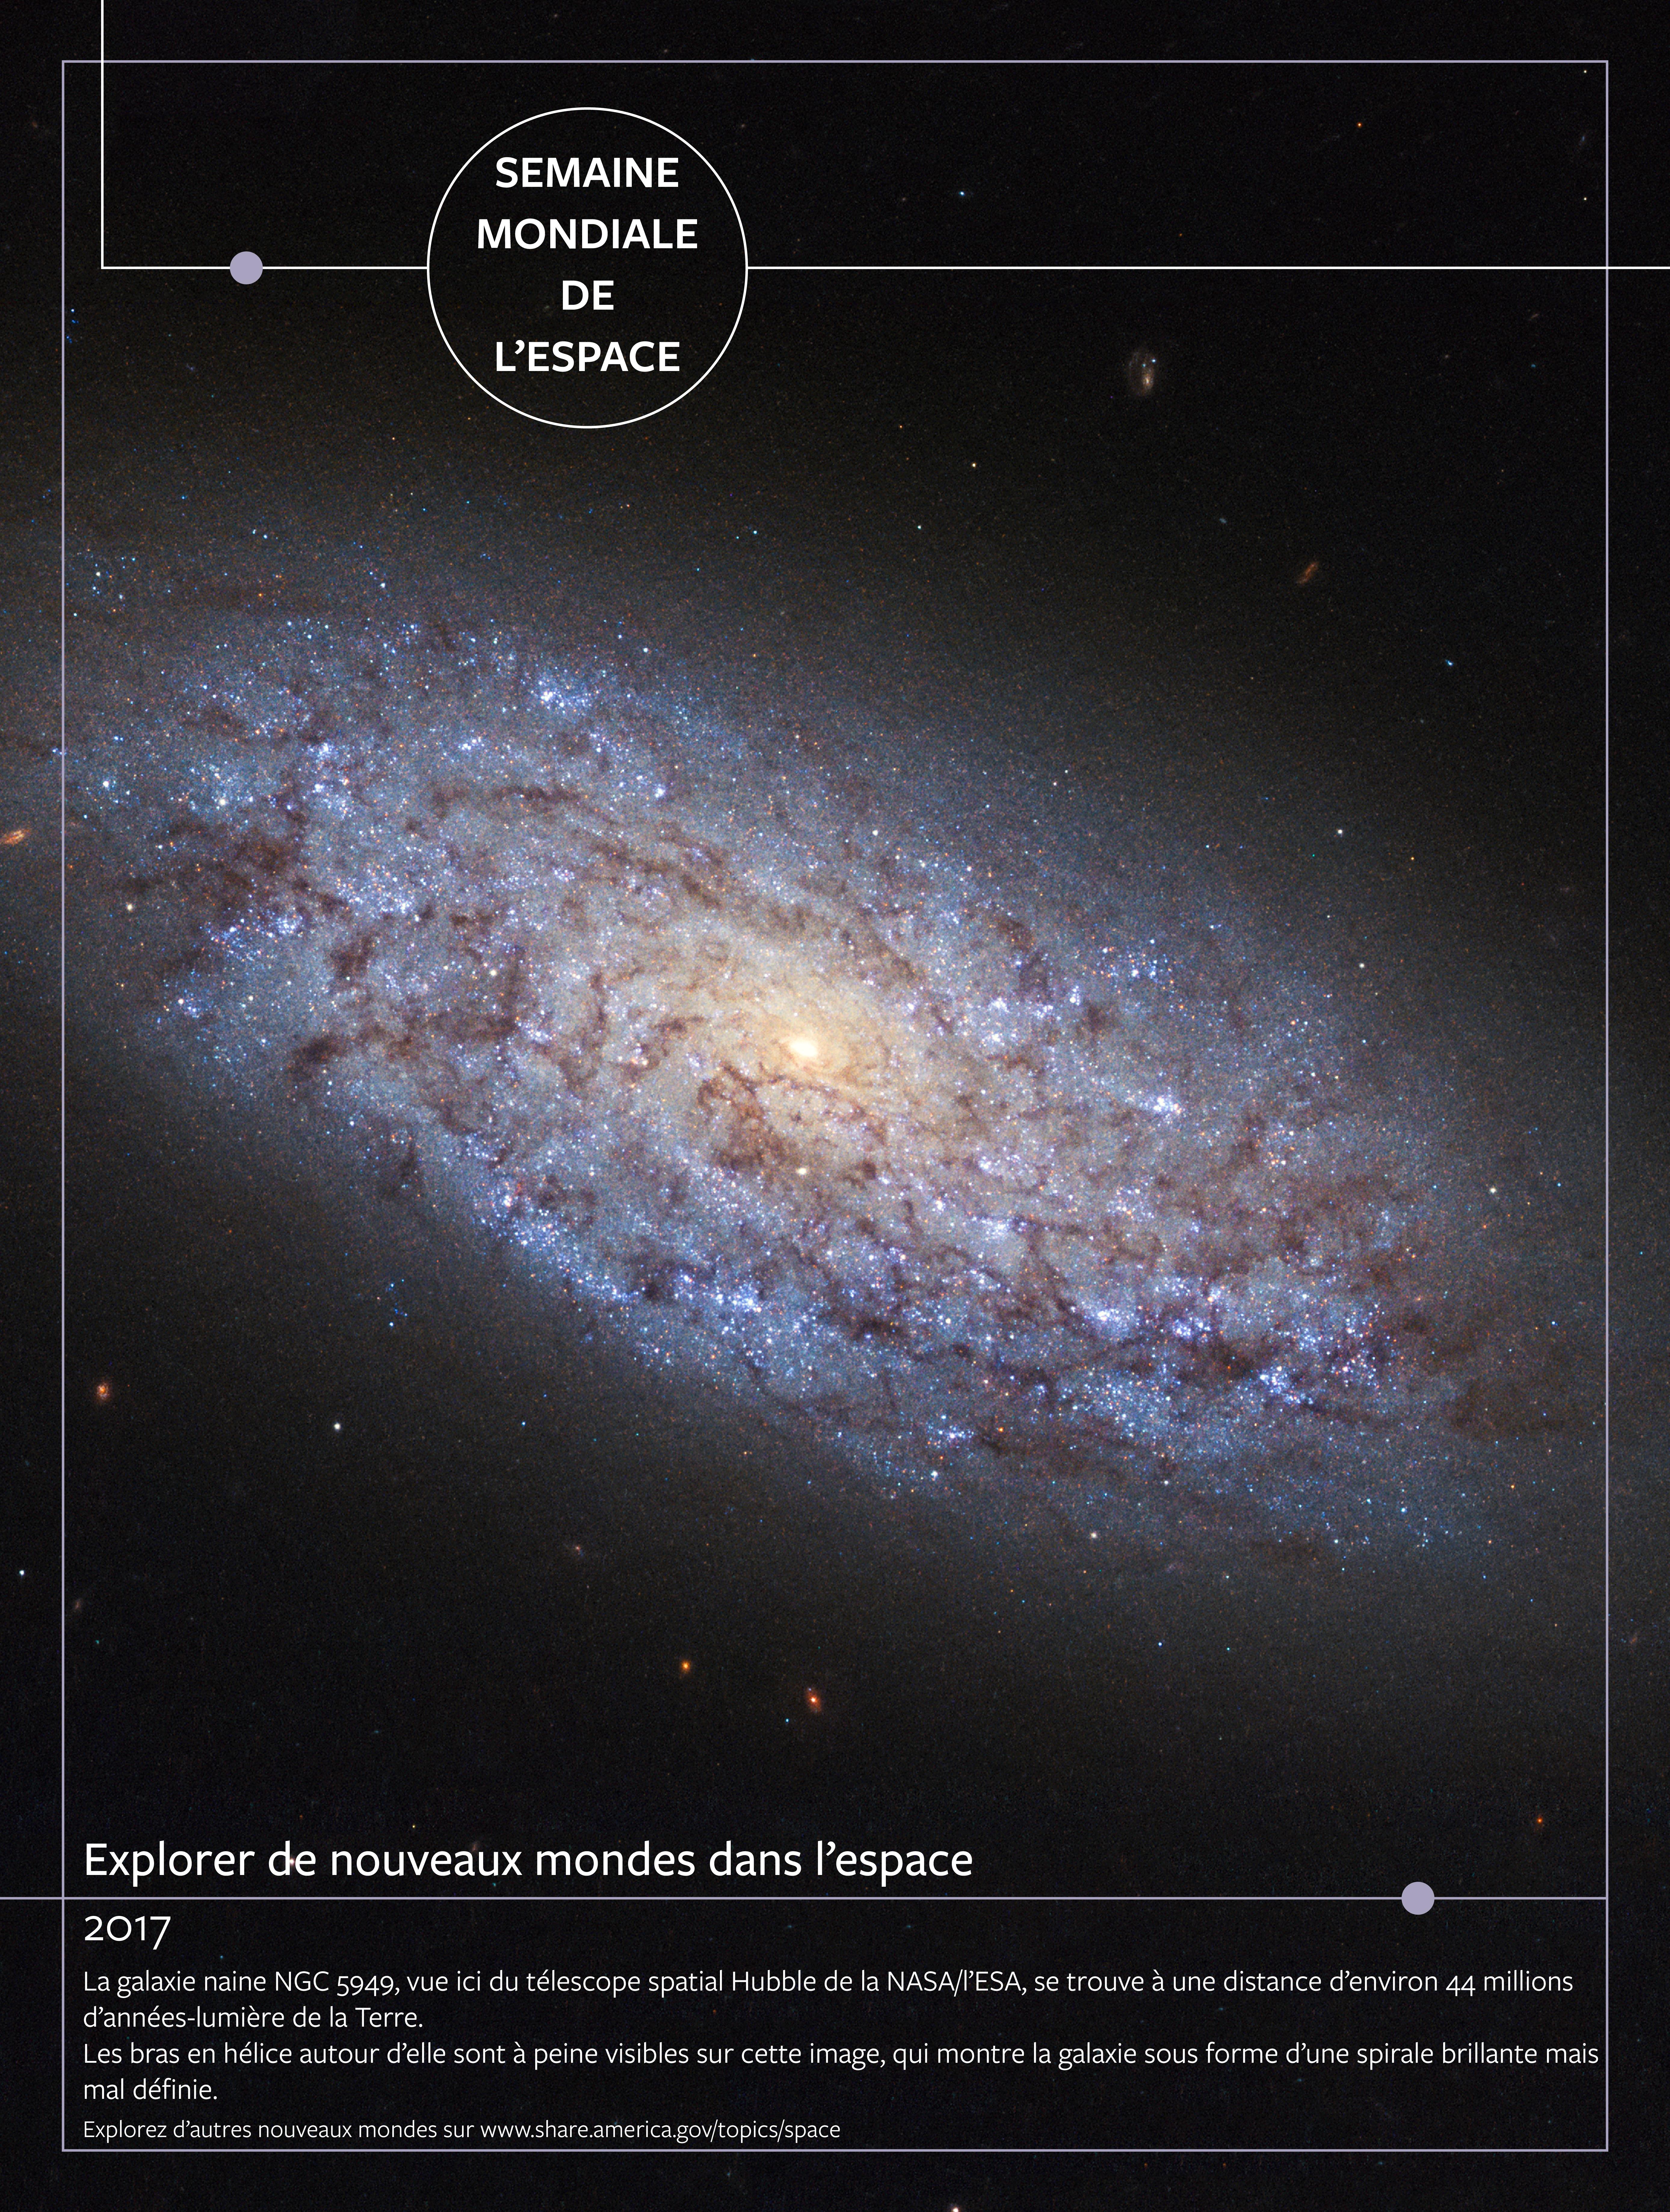 Poster avec une galaxie dans l'espace et du texte écrit au bas de l'image (Département d'État/S. Gemeny Wilkinson)